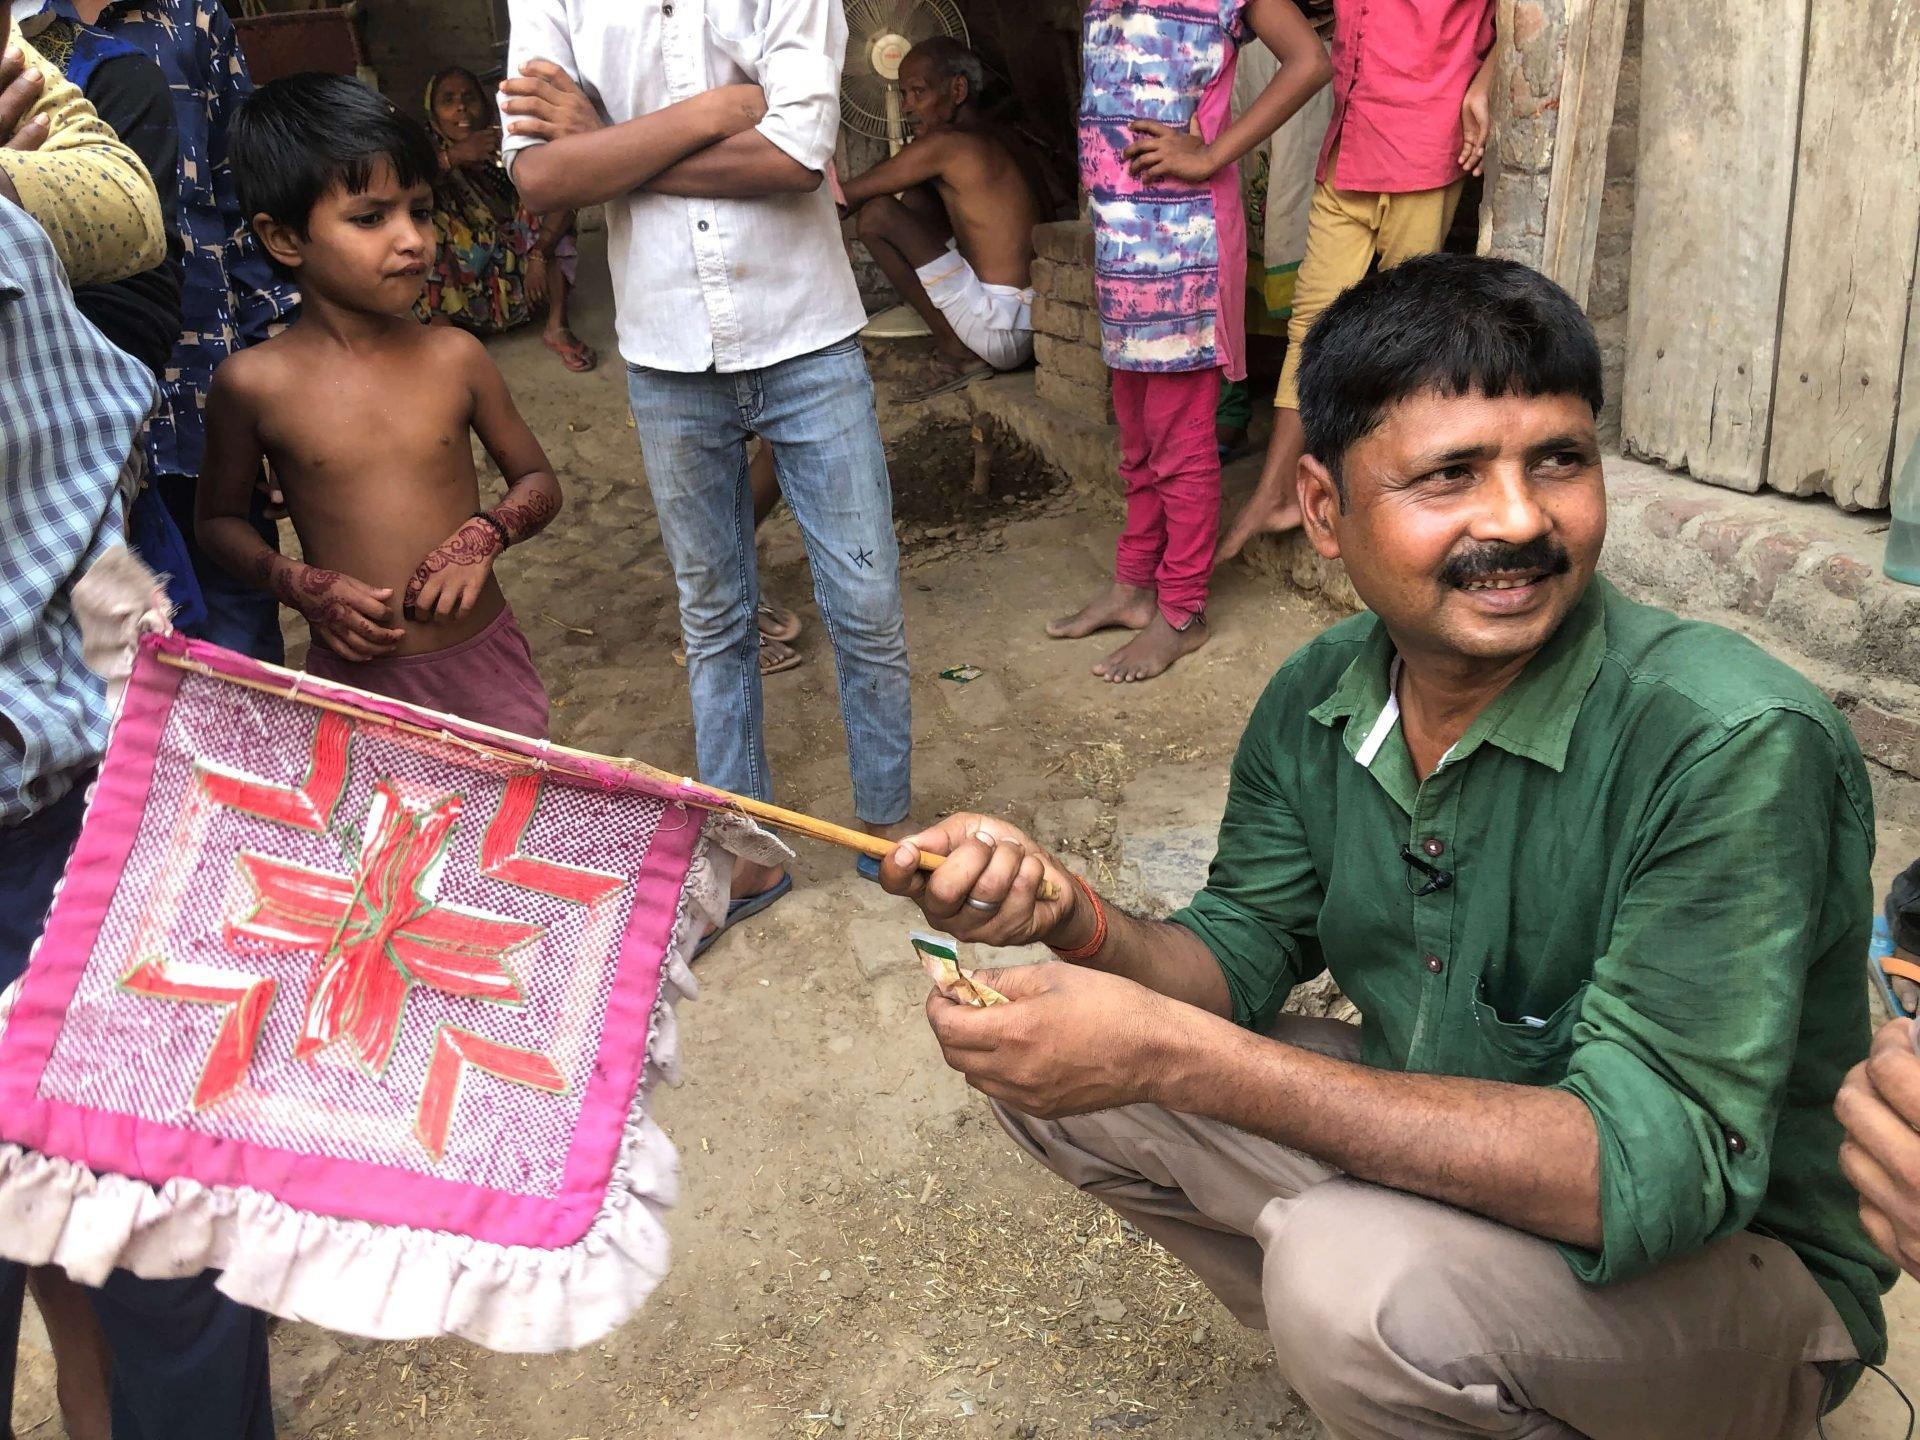 跟著印度都市移工回鄉:他認識我,而我不認識他